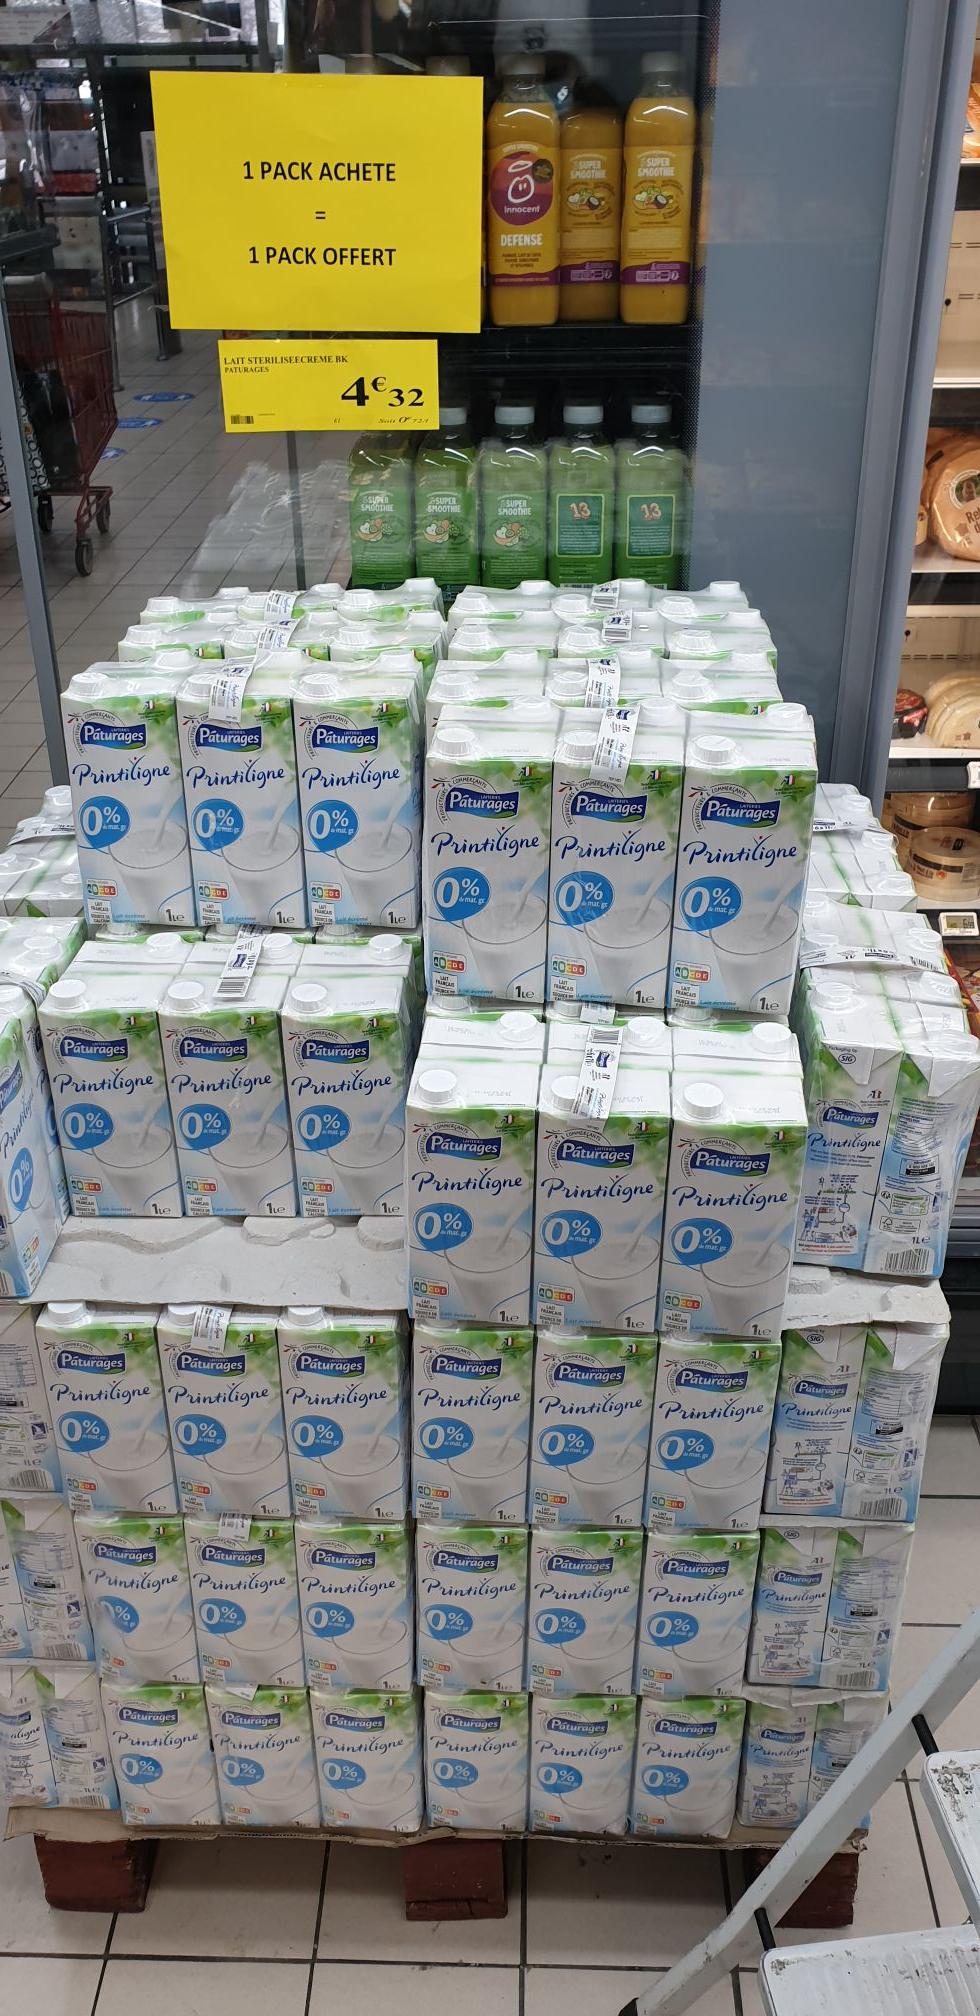 Lot de 2 packs de 6 briques de lait Pâturages Printiligne (12x 1L) - Modane (73)